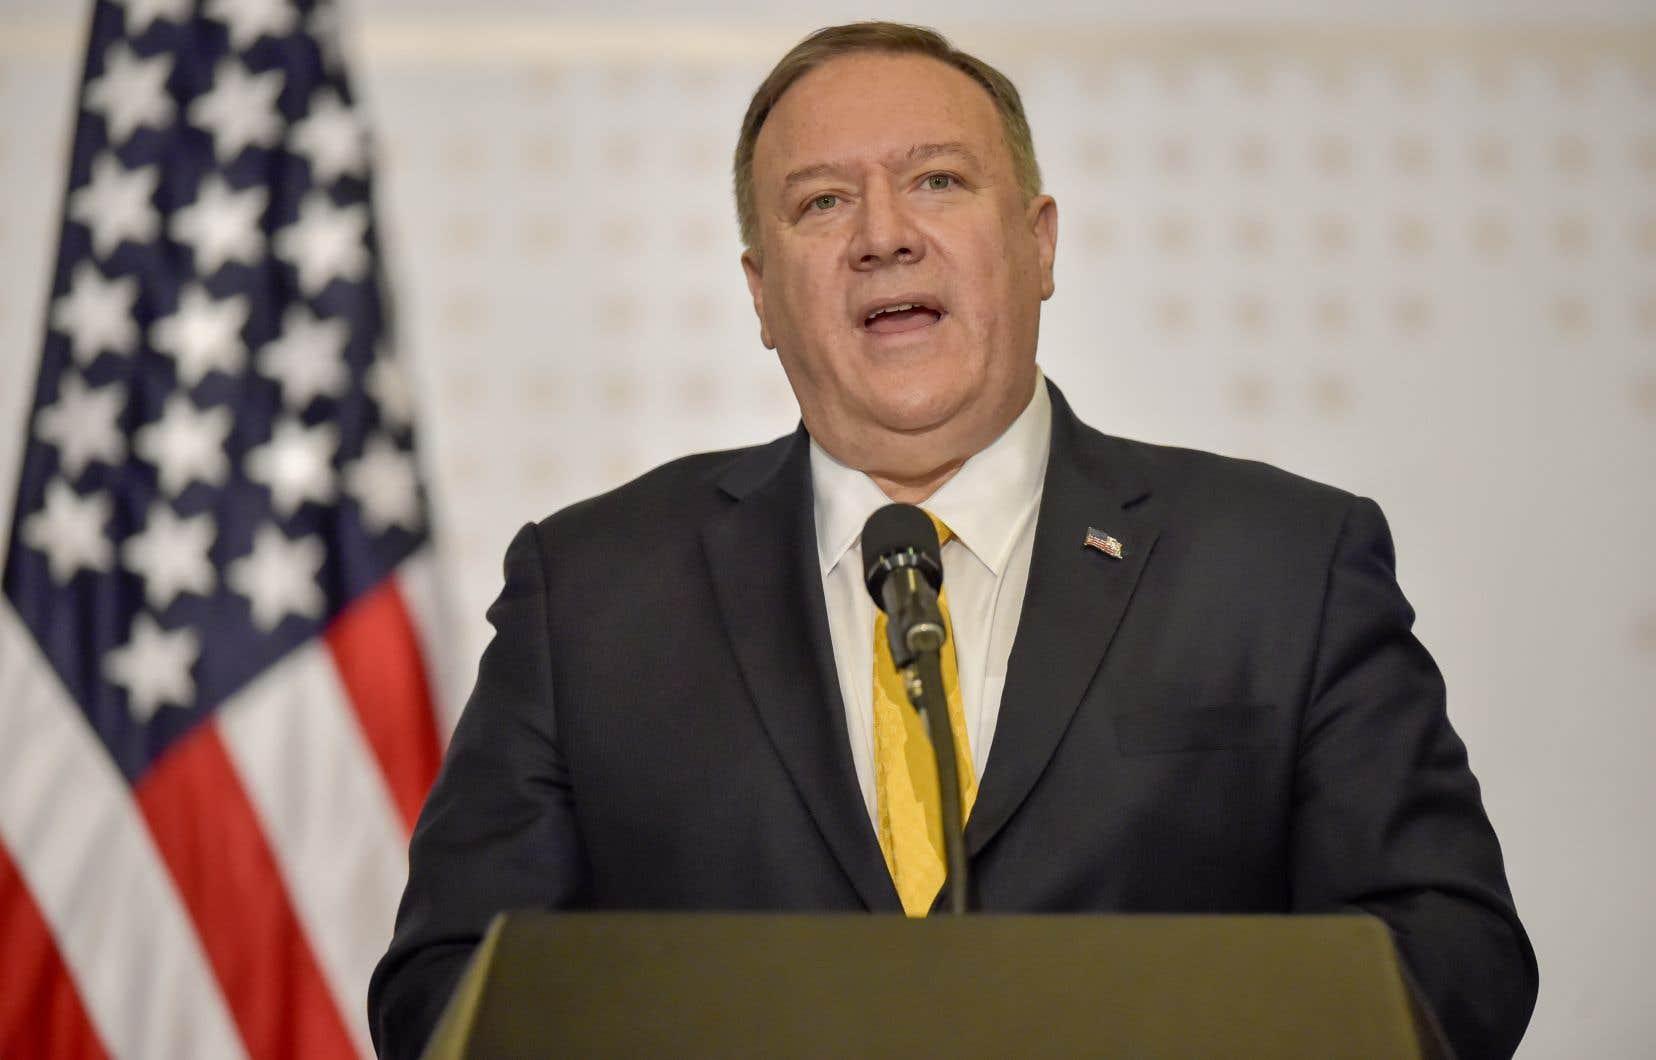 Le chef de la diplomatie américaine Mike Pompeoa perdu son sang-froid après avoir été pressé de questions lors d'un entretien par une journaliste.